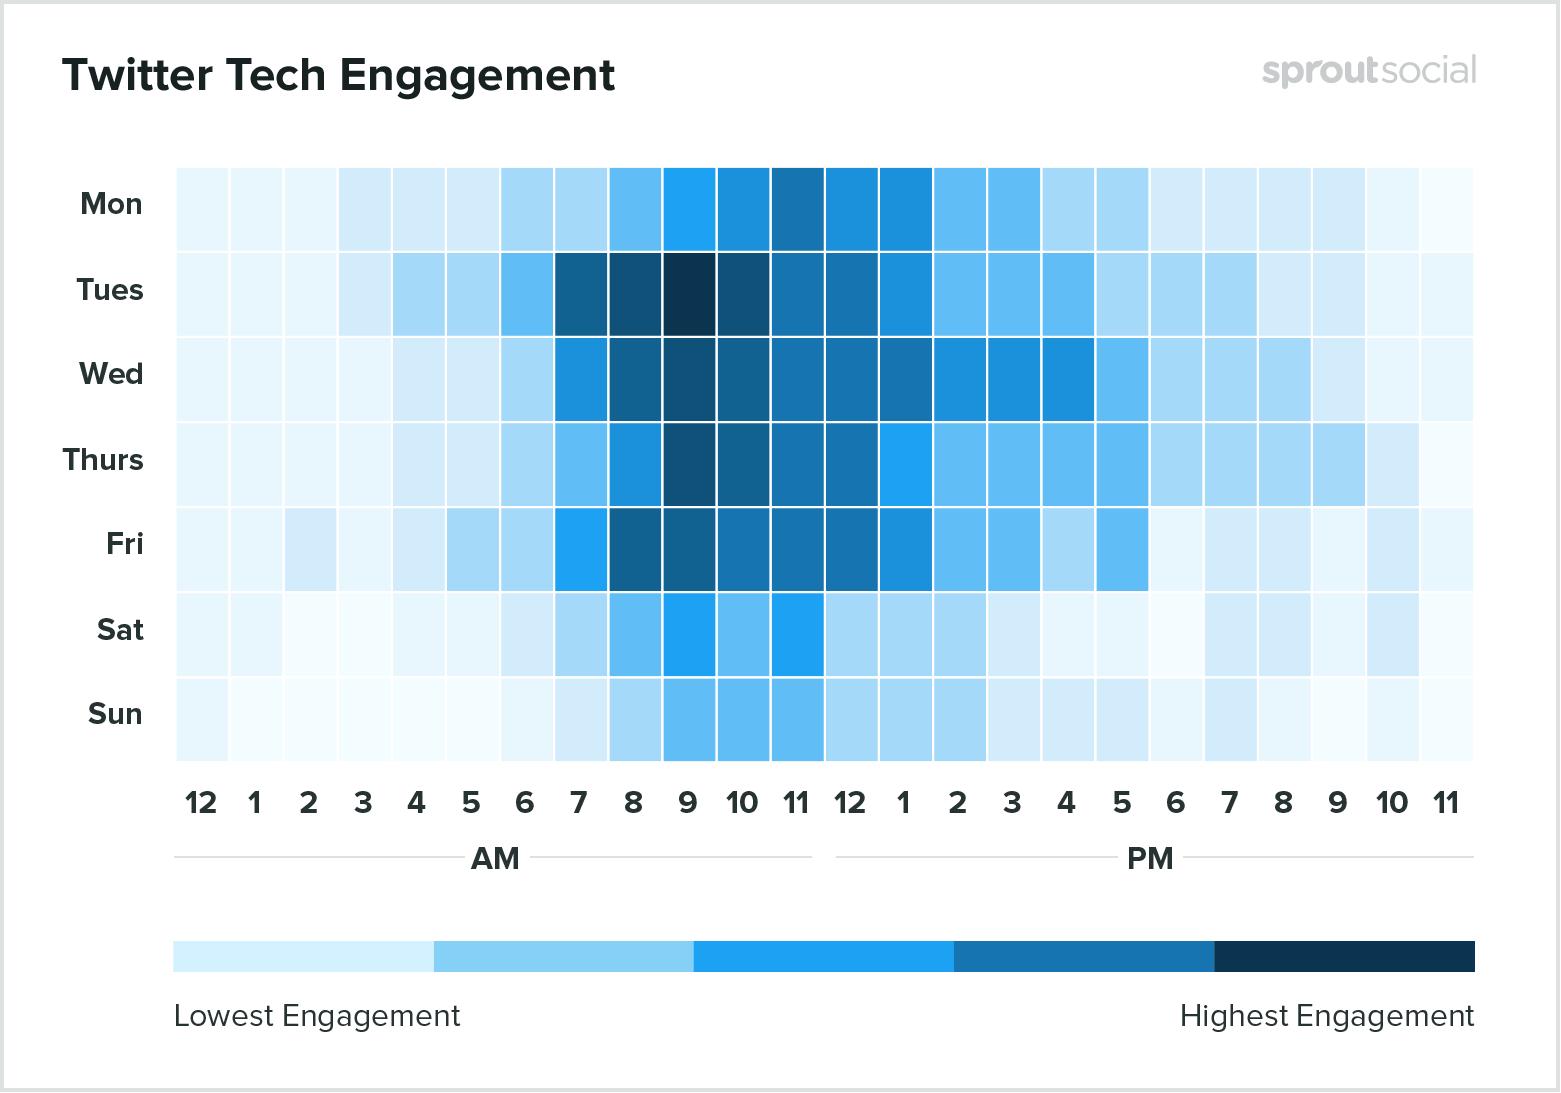 Лучшее время для публикации в Twitter для компаний, занимающихся разработкой программного обеспечения и развитием технологий - данные на 2020 год